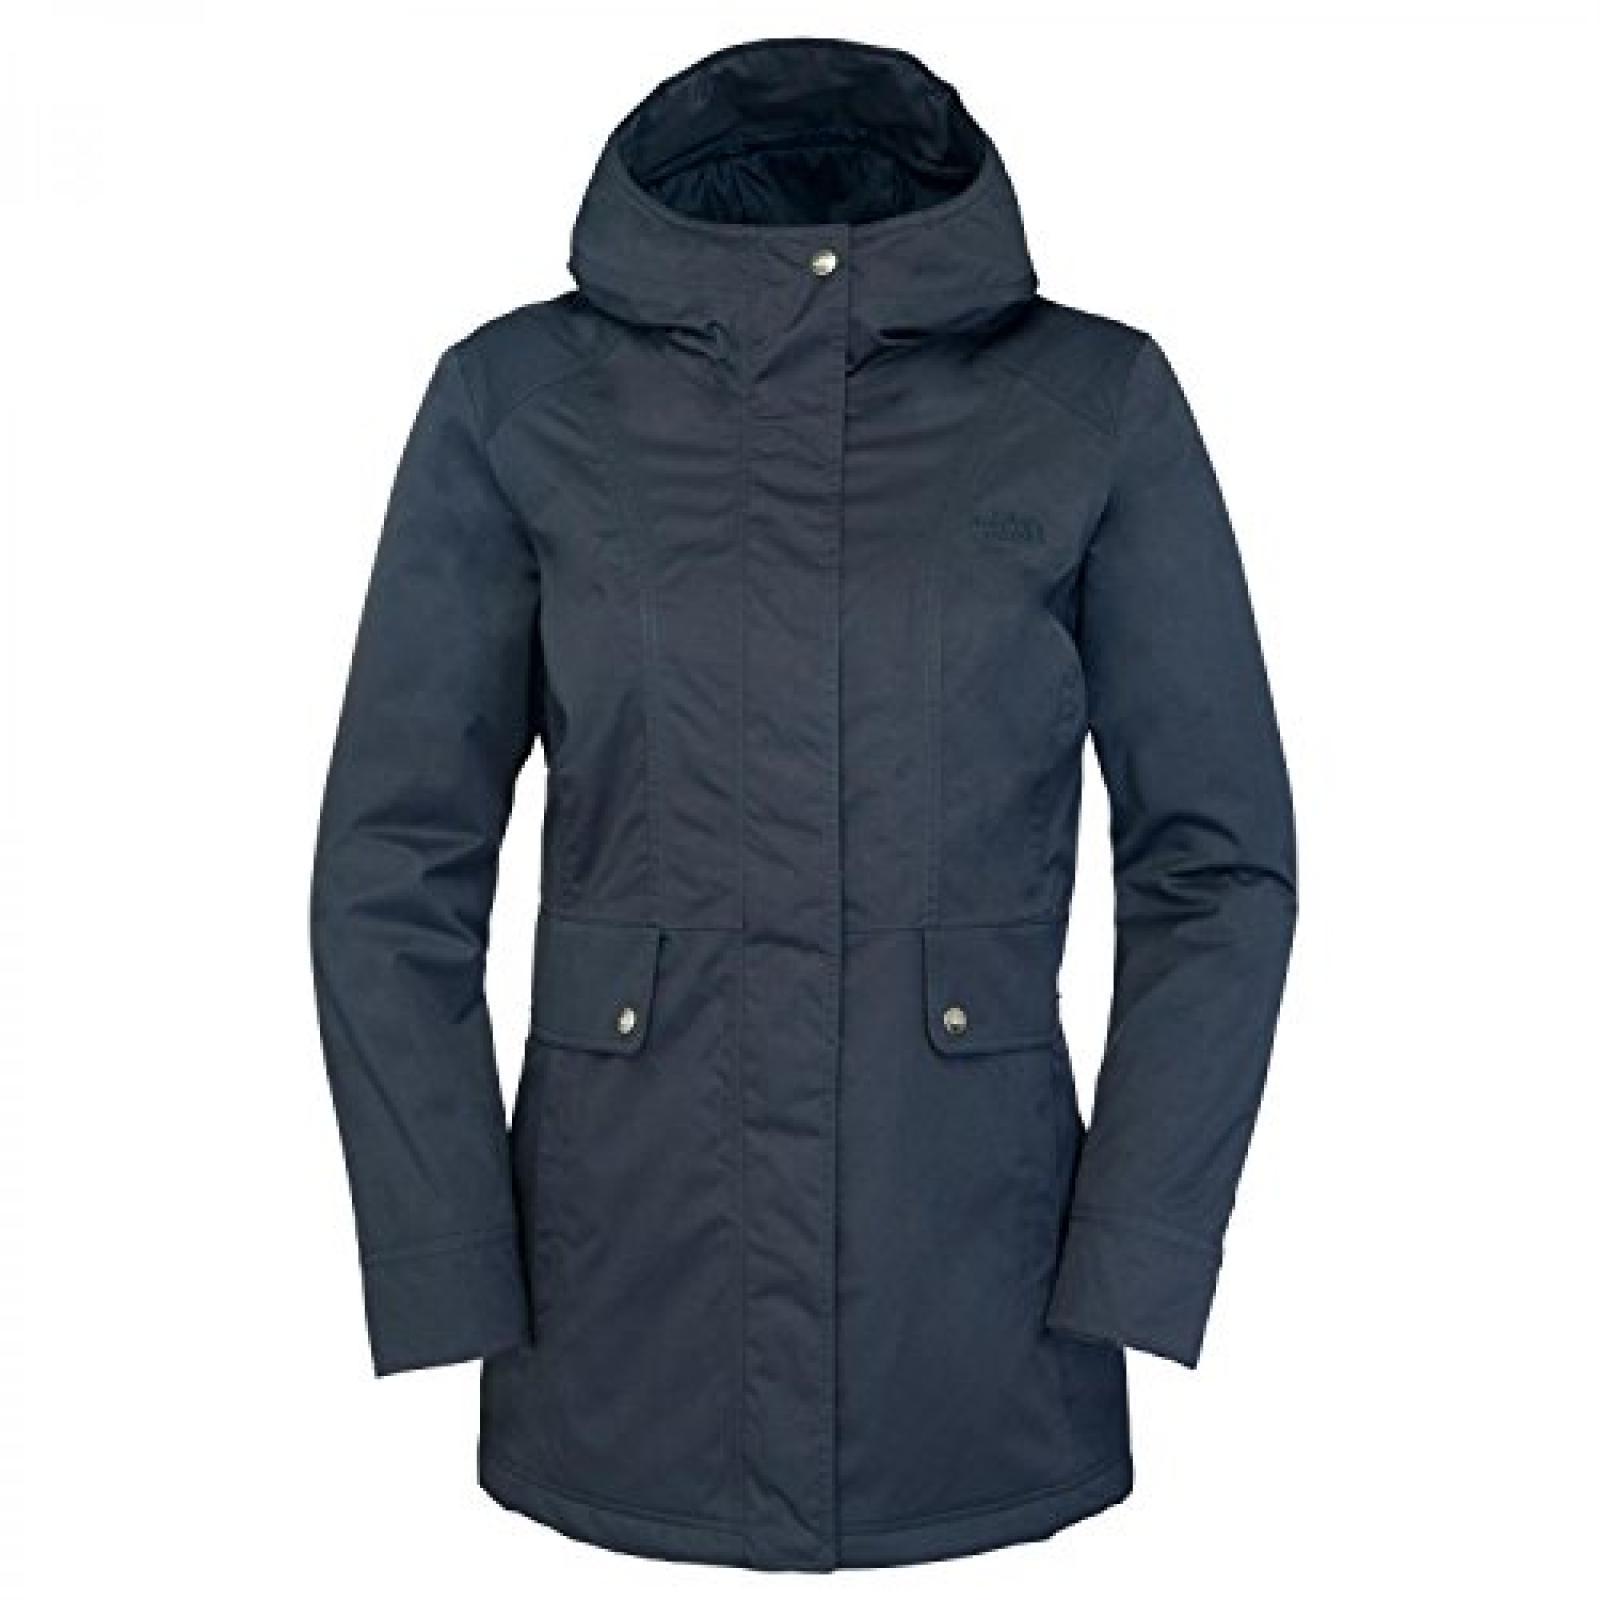 Damen Wanderjacke / Winterjacke Winter Solstice Jacket W